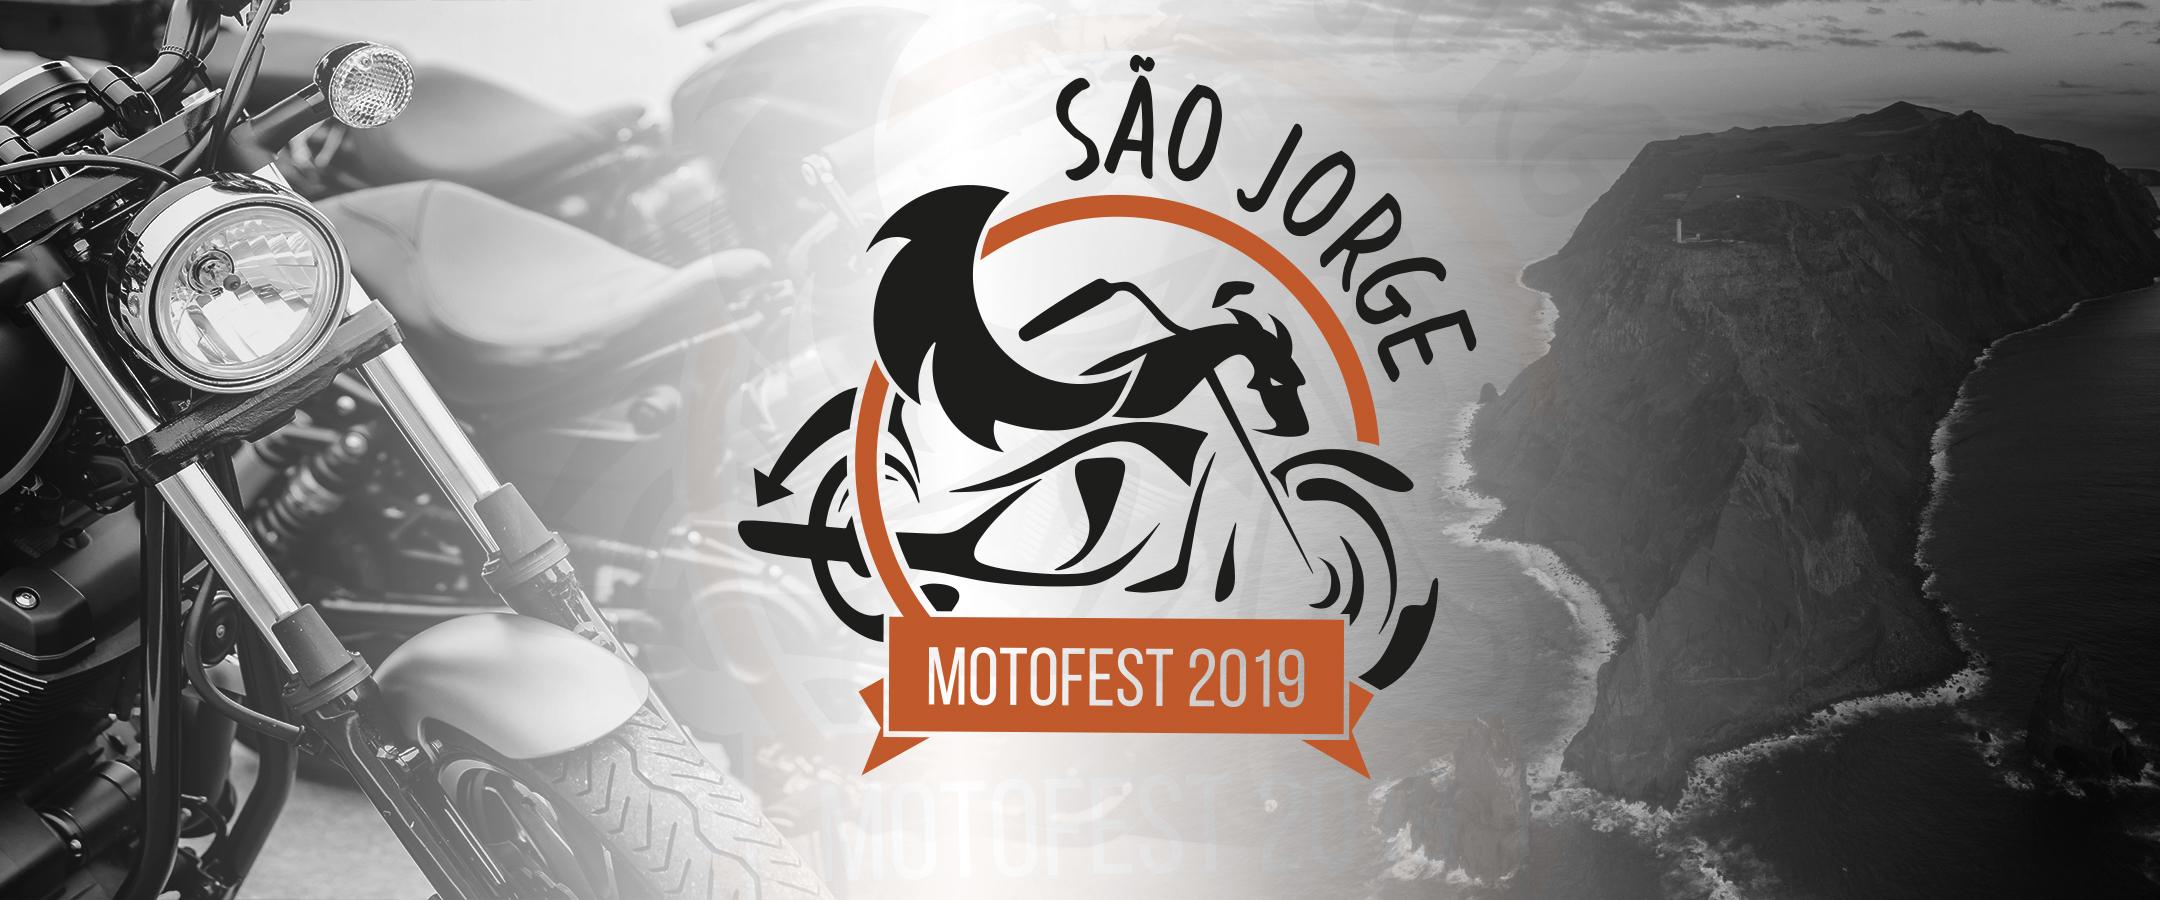 Começa hoje na ilha de São Jorge o Azores Motofest 2019 – são perto de 400 motards que participam neste grande evento para os amantes das motas (c/áudio)